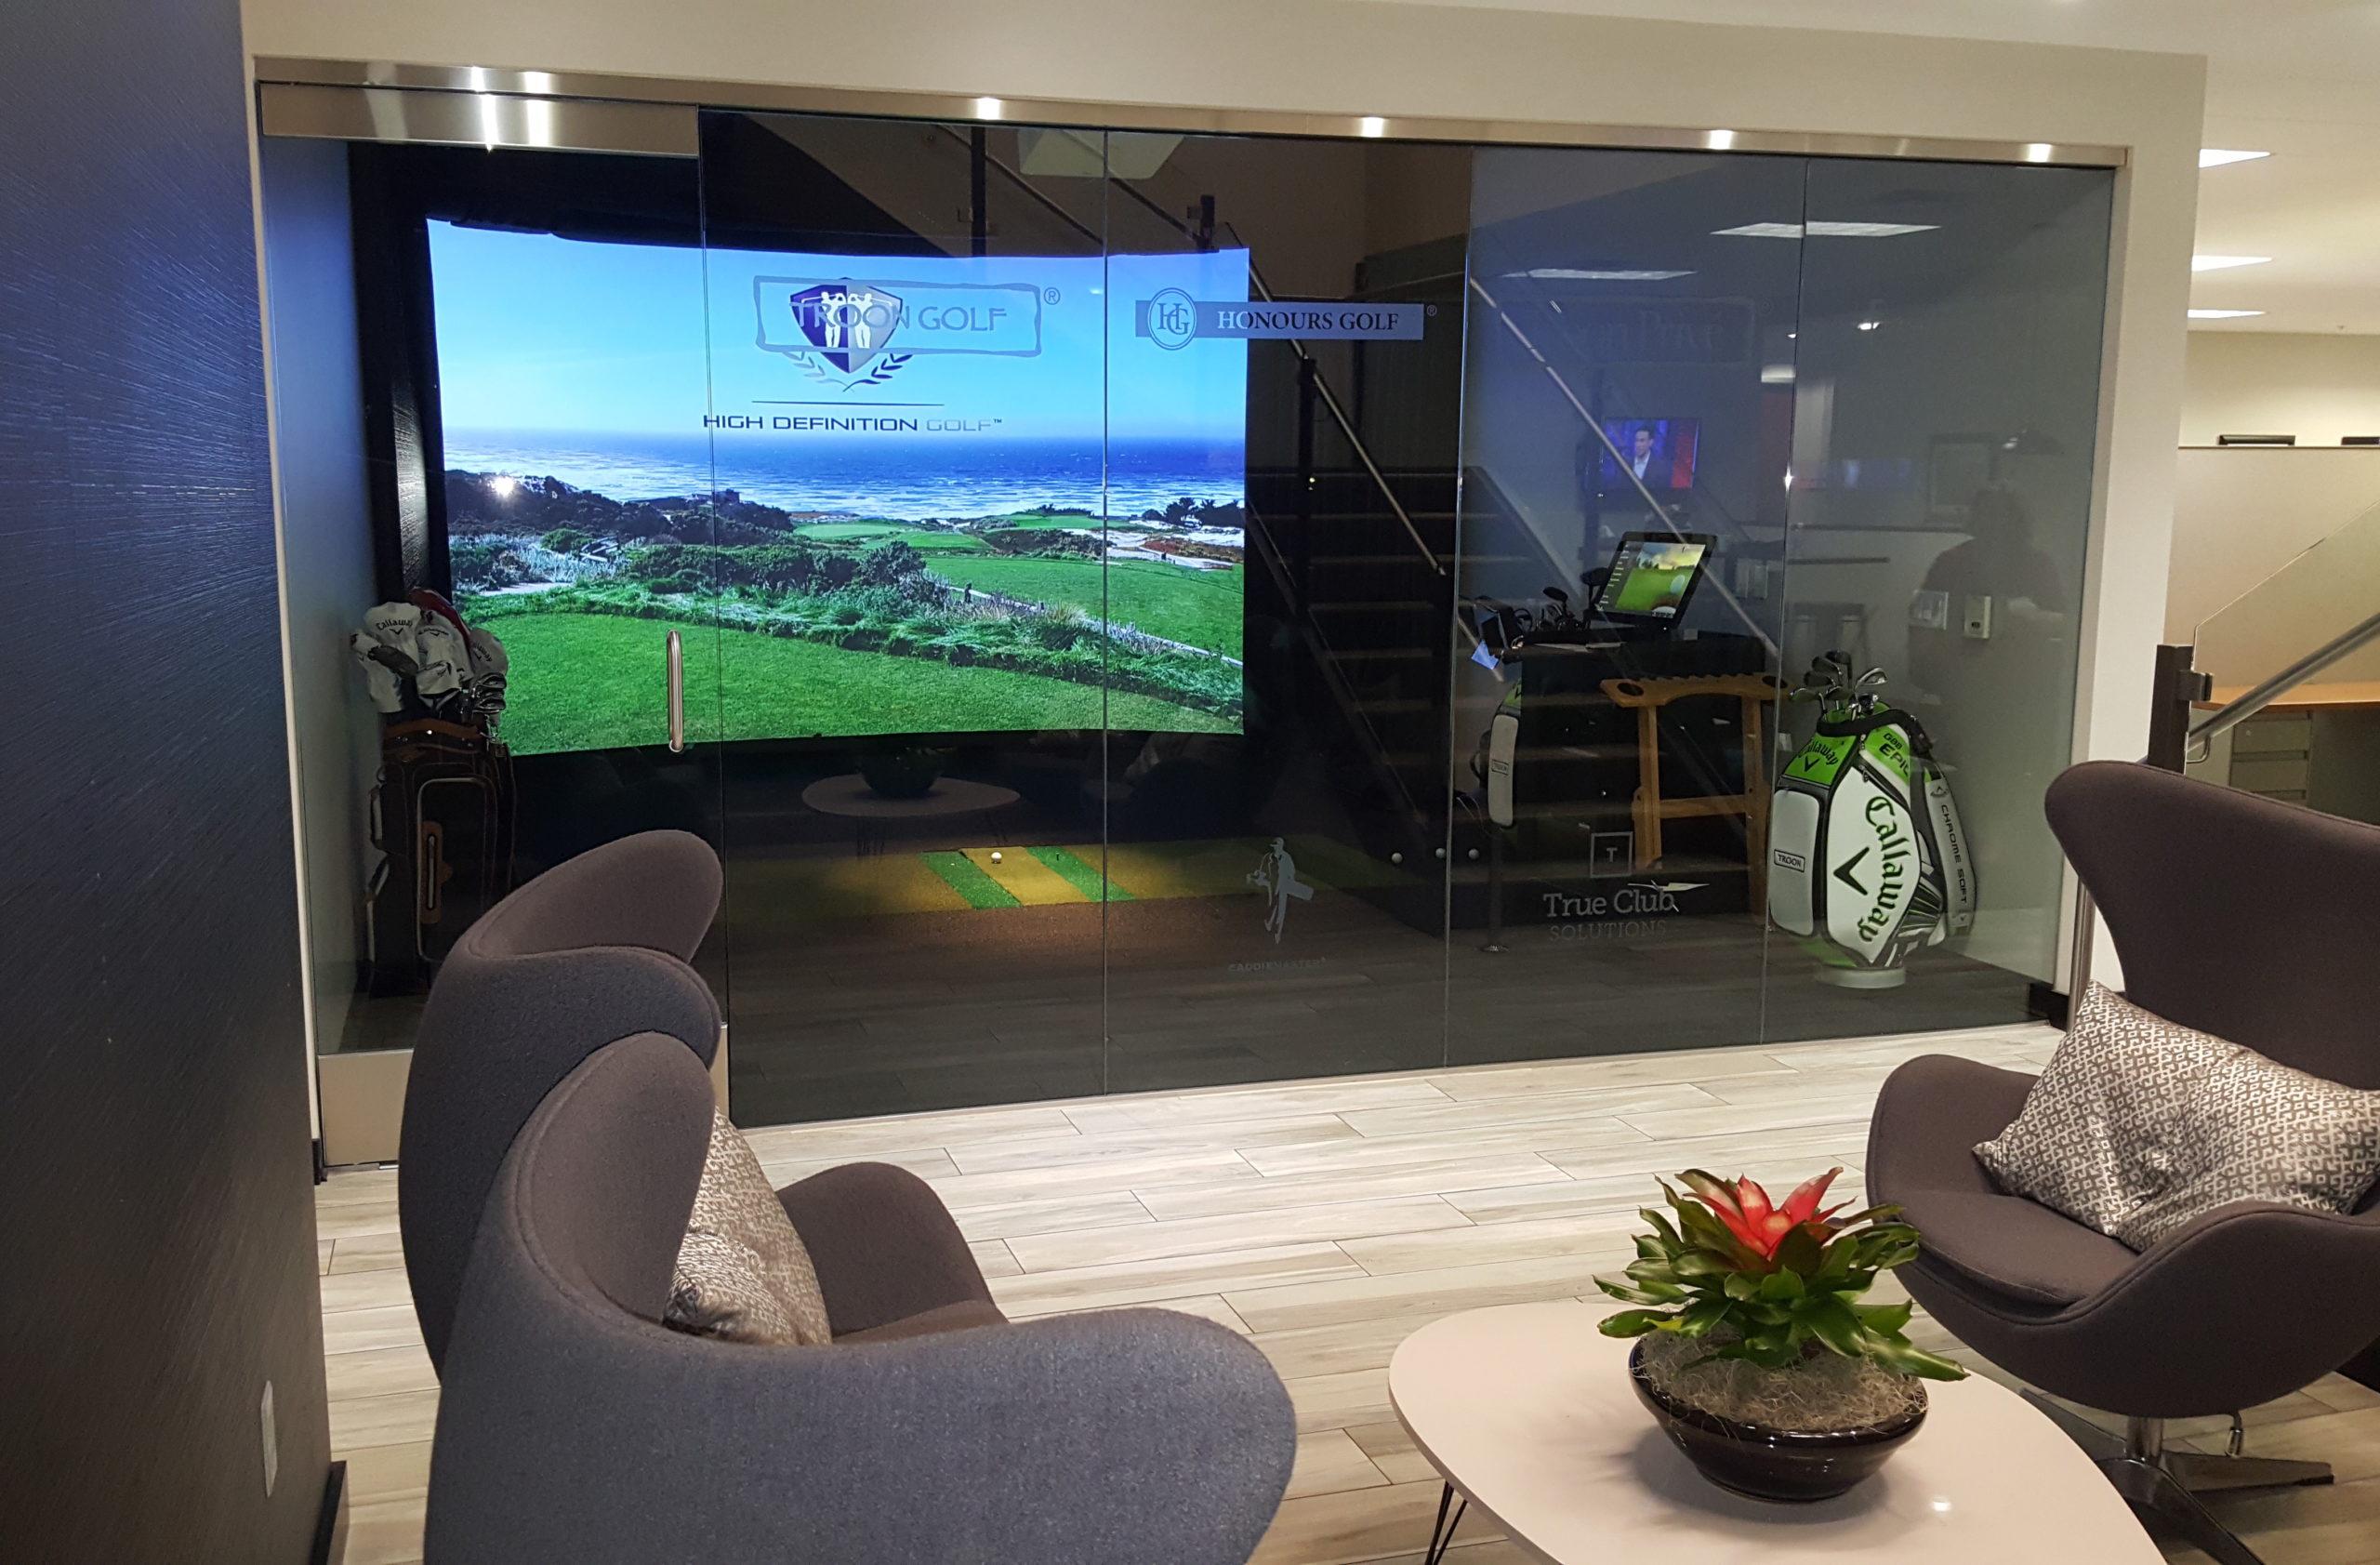 People golfing on Simulator